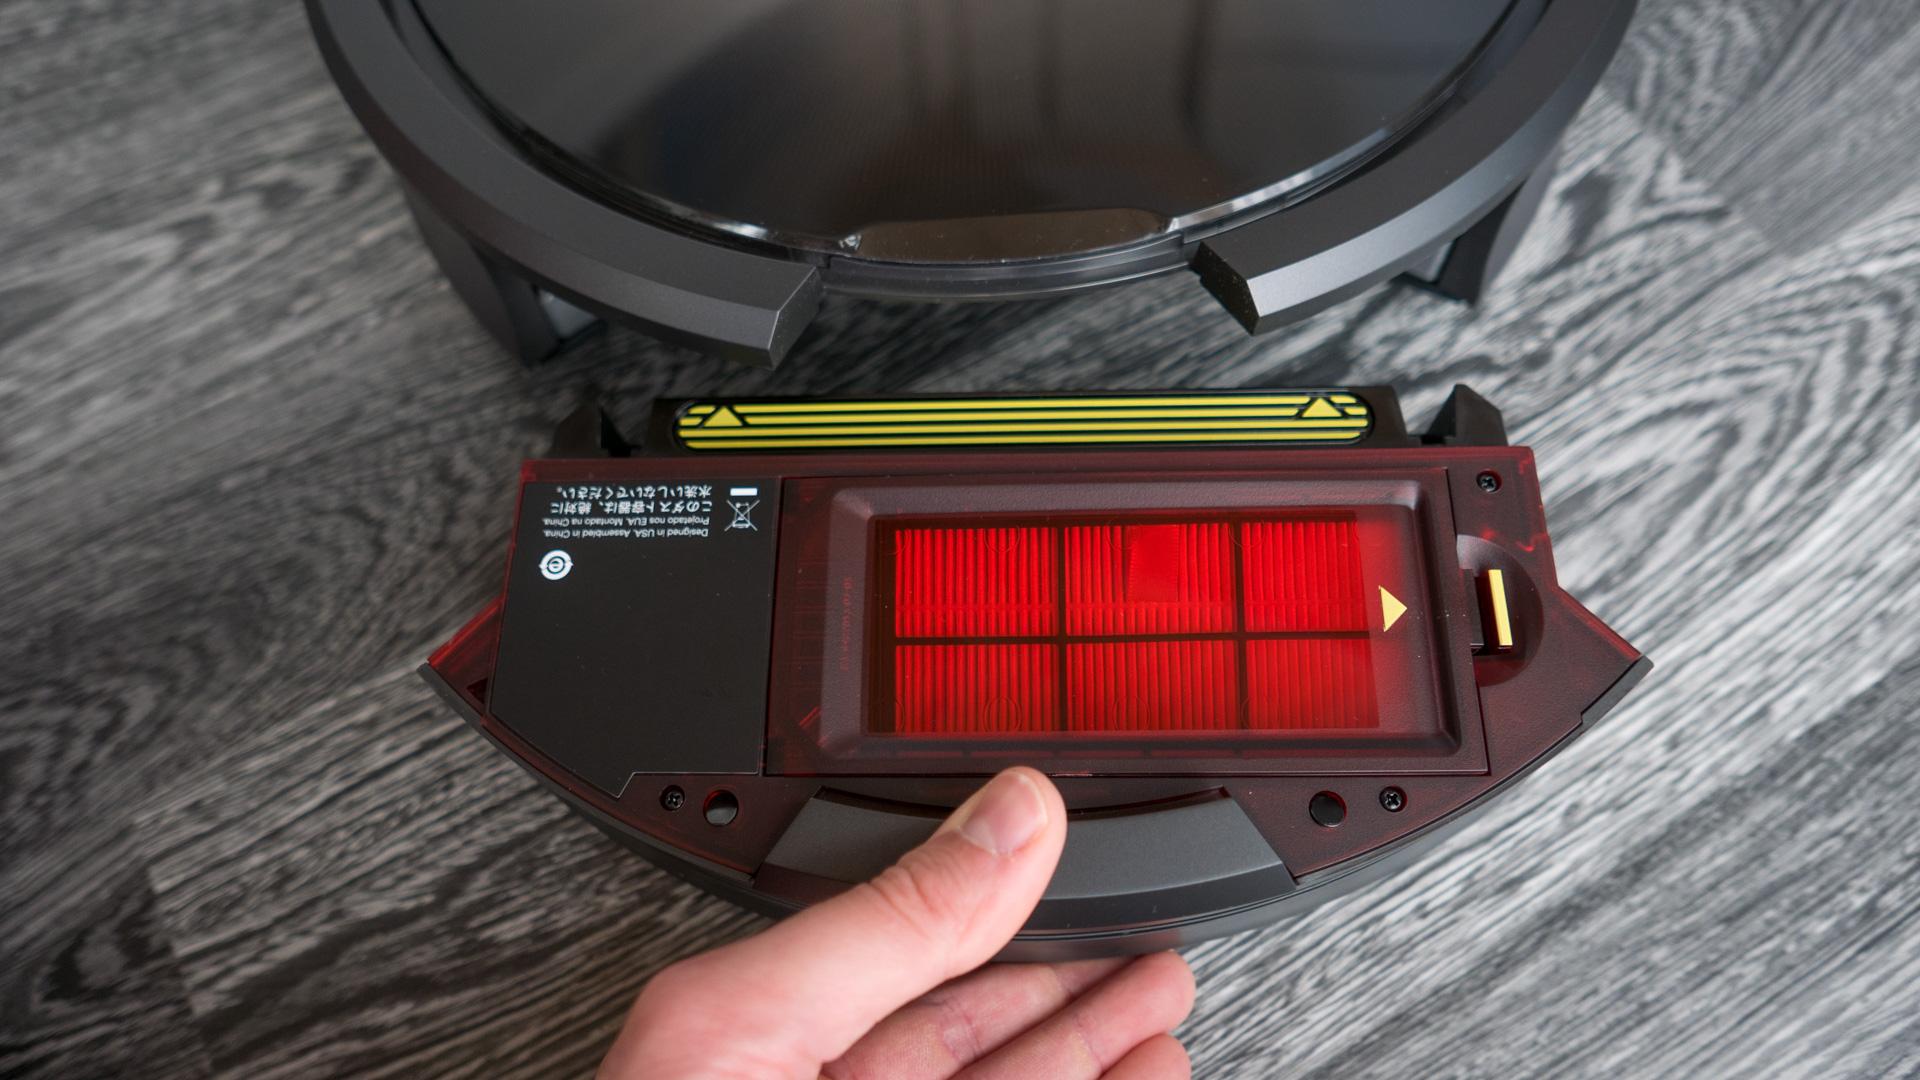 iRobot Roomba 980 Details 10